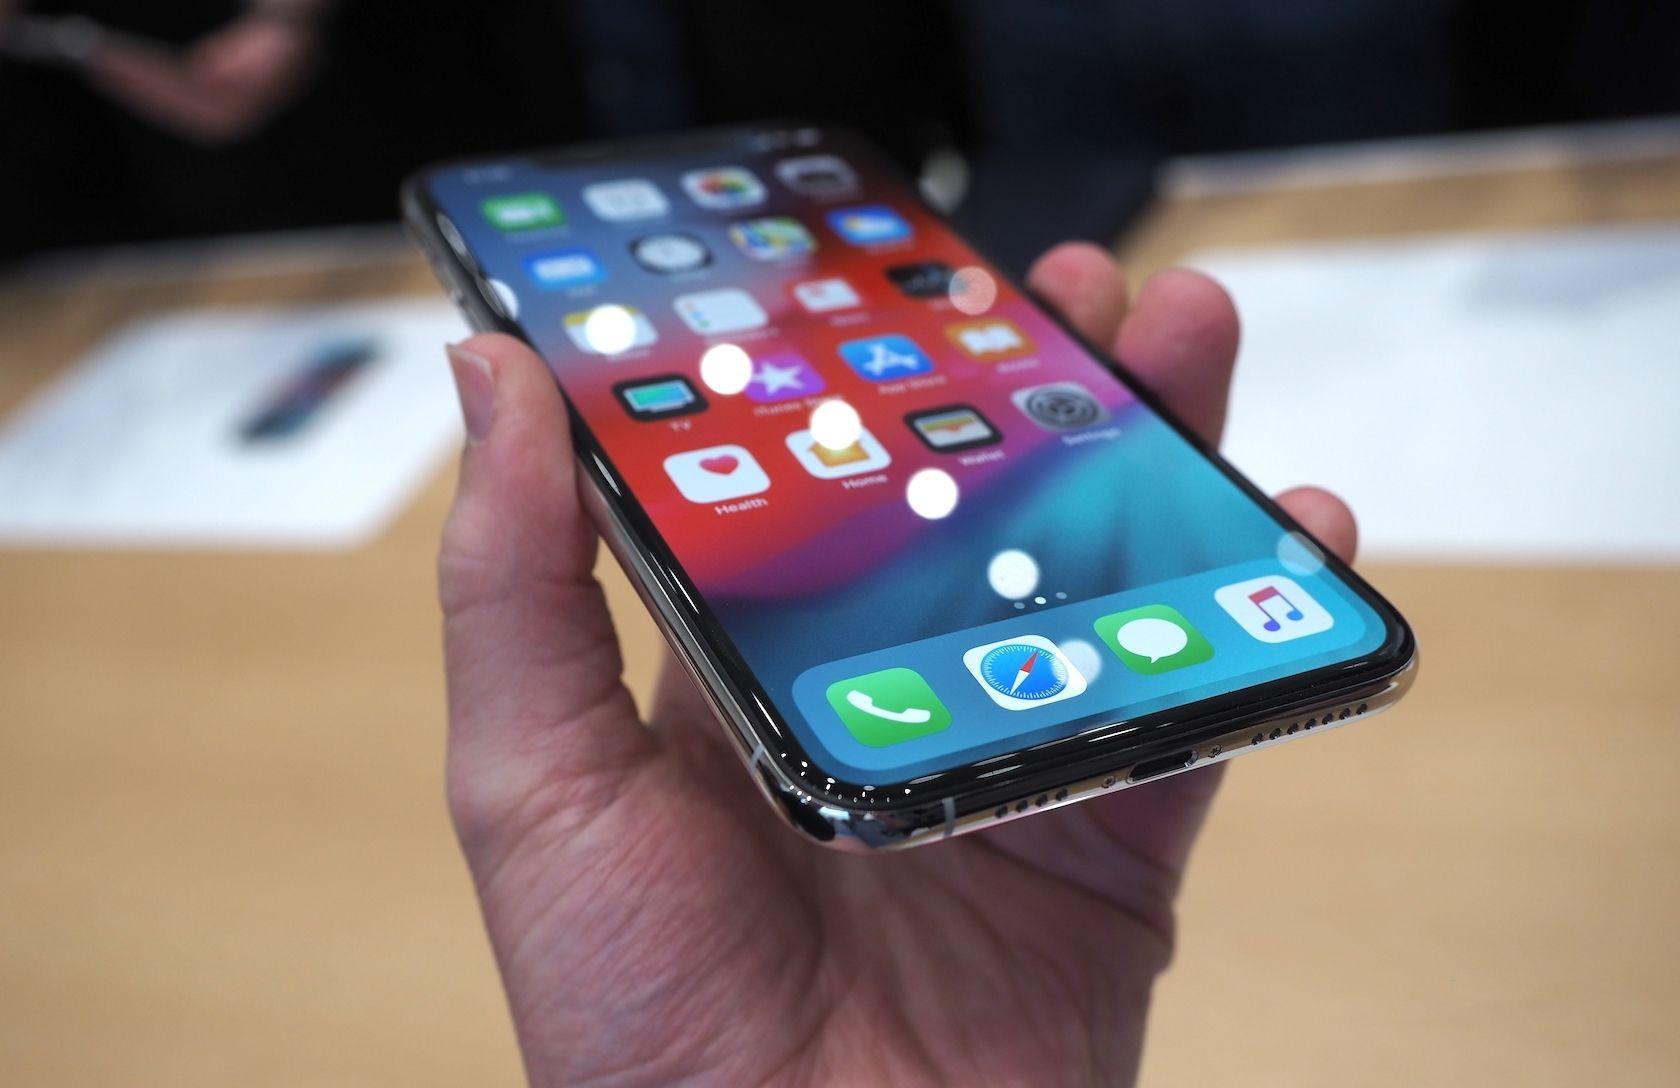 高通申请 iPhone 禁售令强制执行:苹果或将面临高管被拘